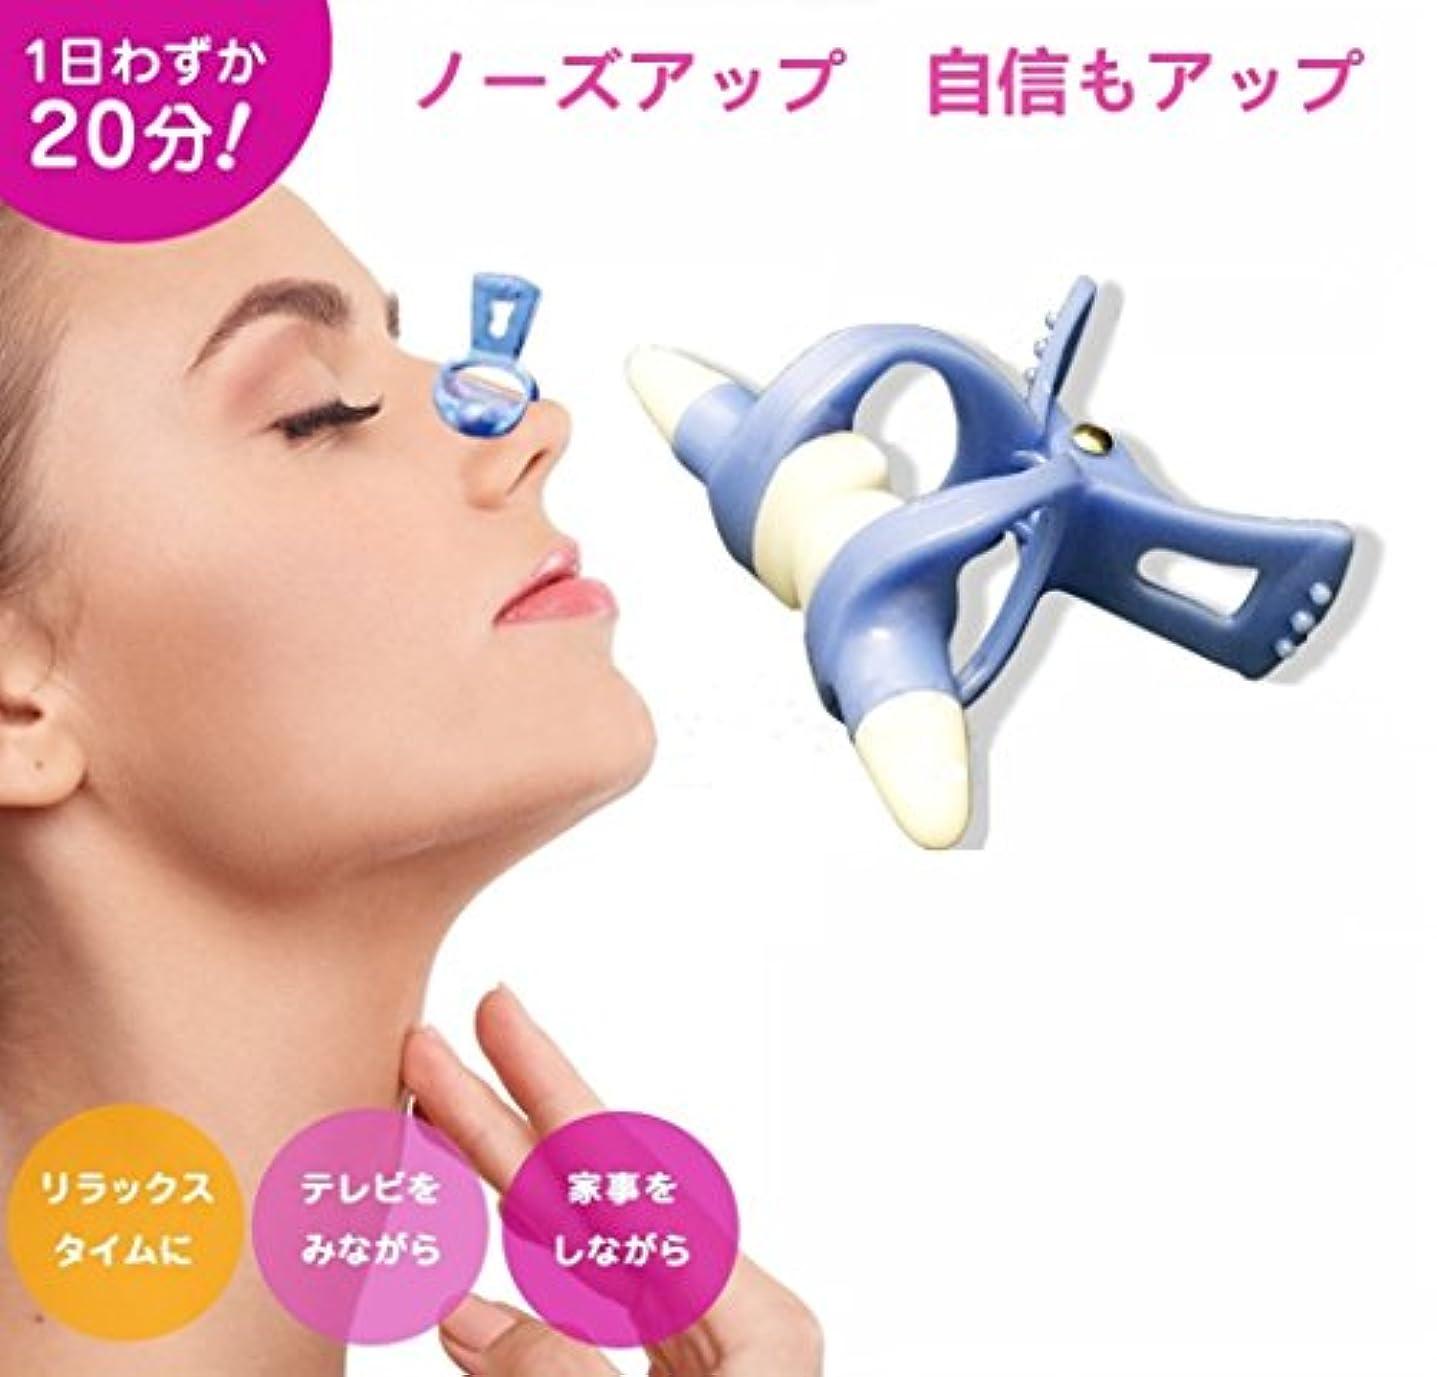 おっとソロ他の場所ノーズアップ ノーズクリップ Vicona鼻クリップ 美鼻 鼻筋矯正 鼻プチ プチ整形 鼻筋セレブ 抗菌シリコンで  柔らか素材で痛くない 肌にやさしい